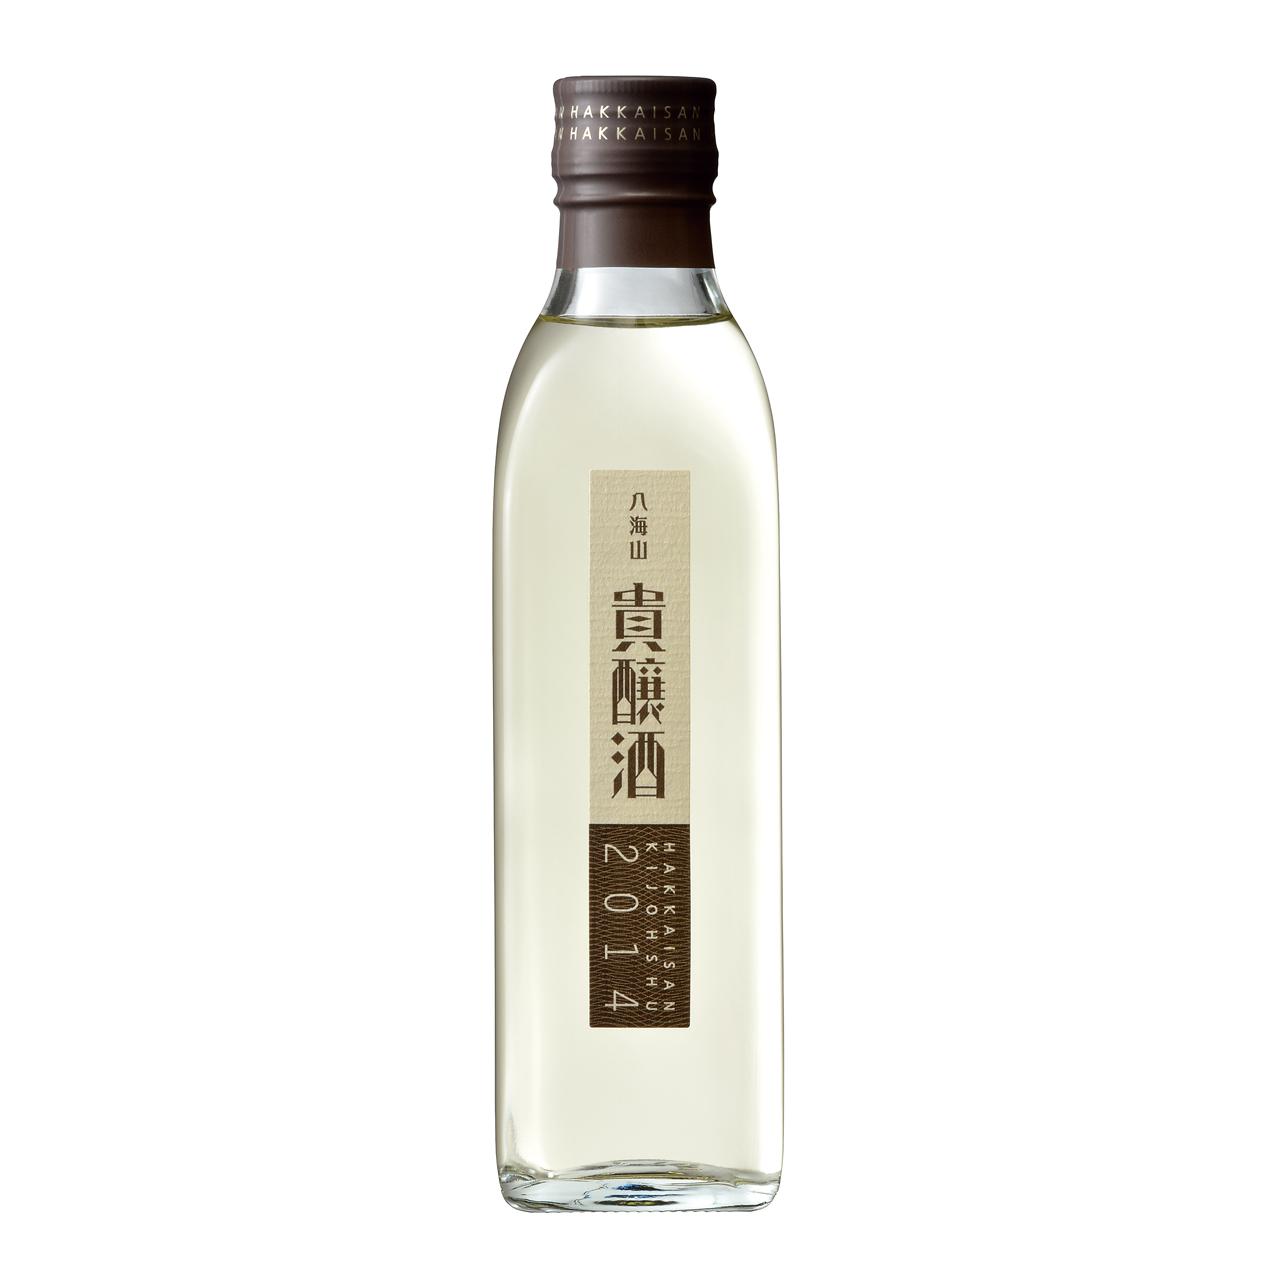 お酒 お中元 ギフト 八海山 貴醸酒 300ML 12本 新潟県 八海山 日本酒 ケース販売 プレゼント